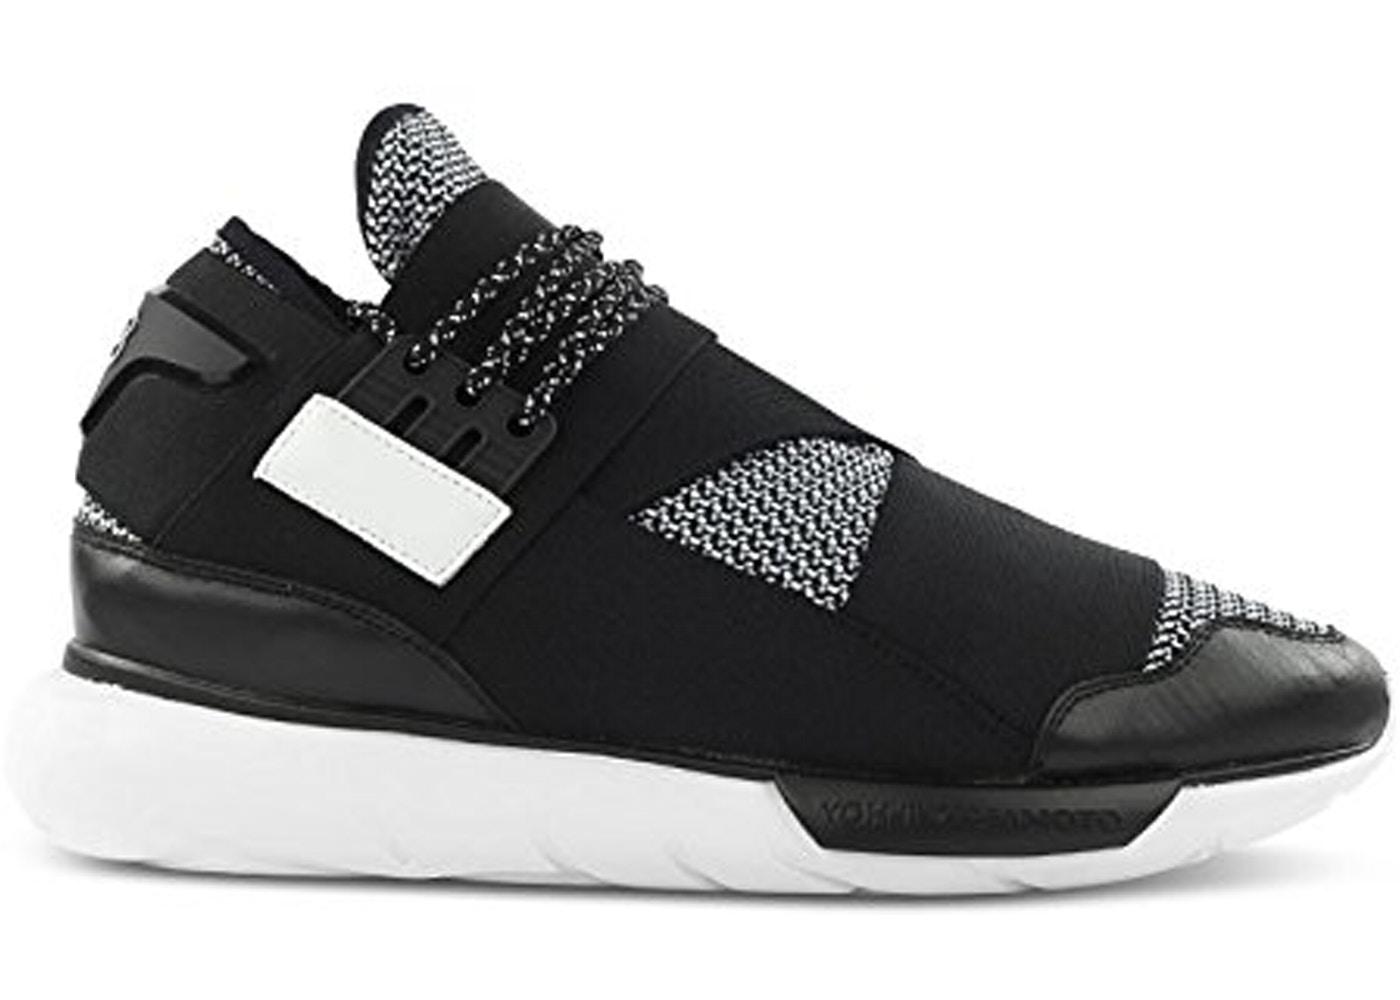 adidas Y-3 Qasa High Black White (2014) - B35674 7b1f2cd56